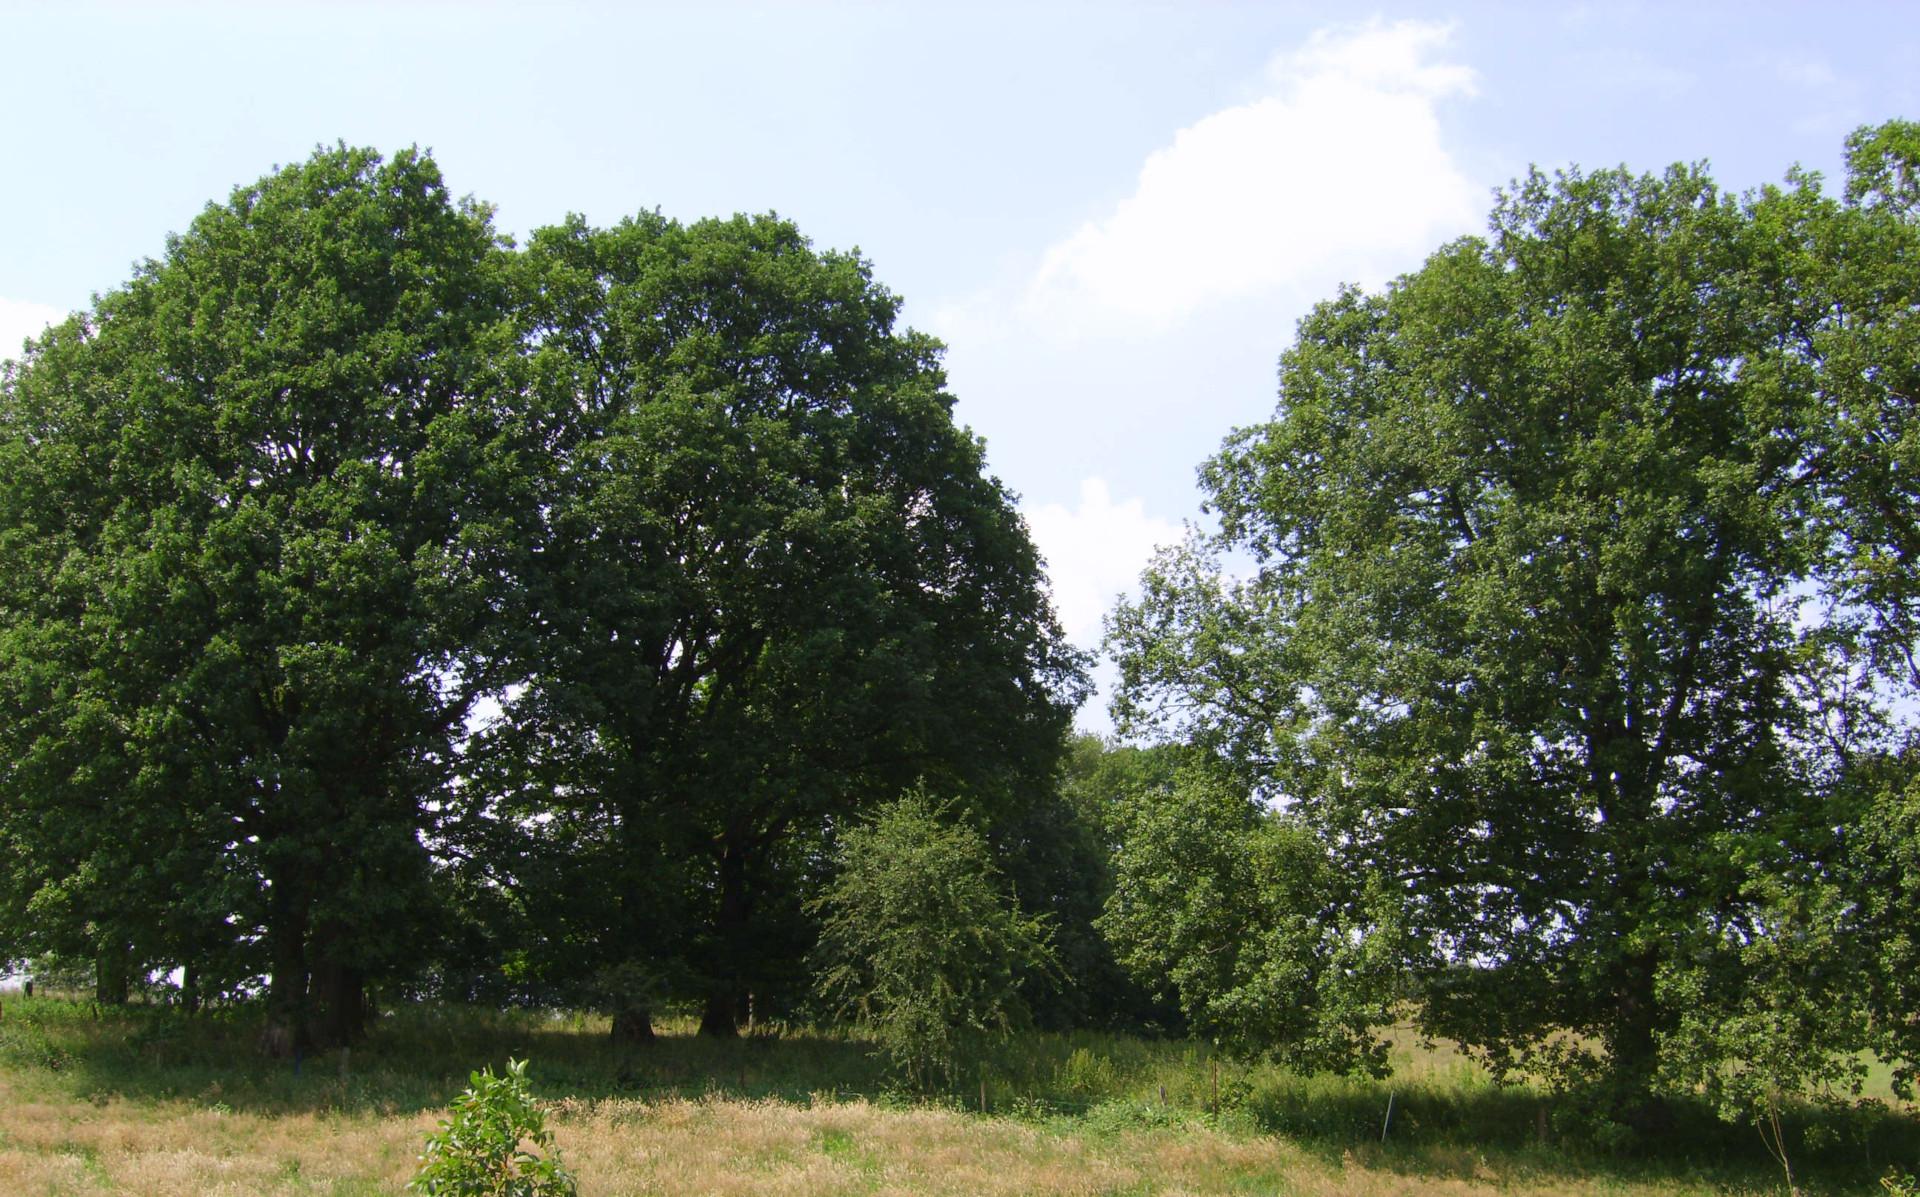 ensemble de 4 beaux chênes au lieu-dit Trou aux renards